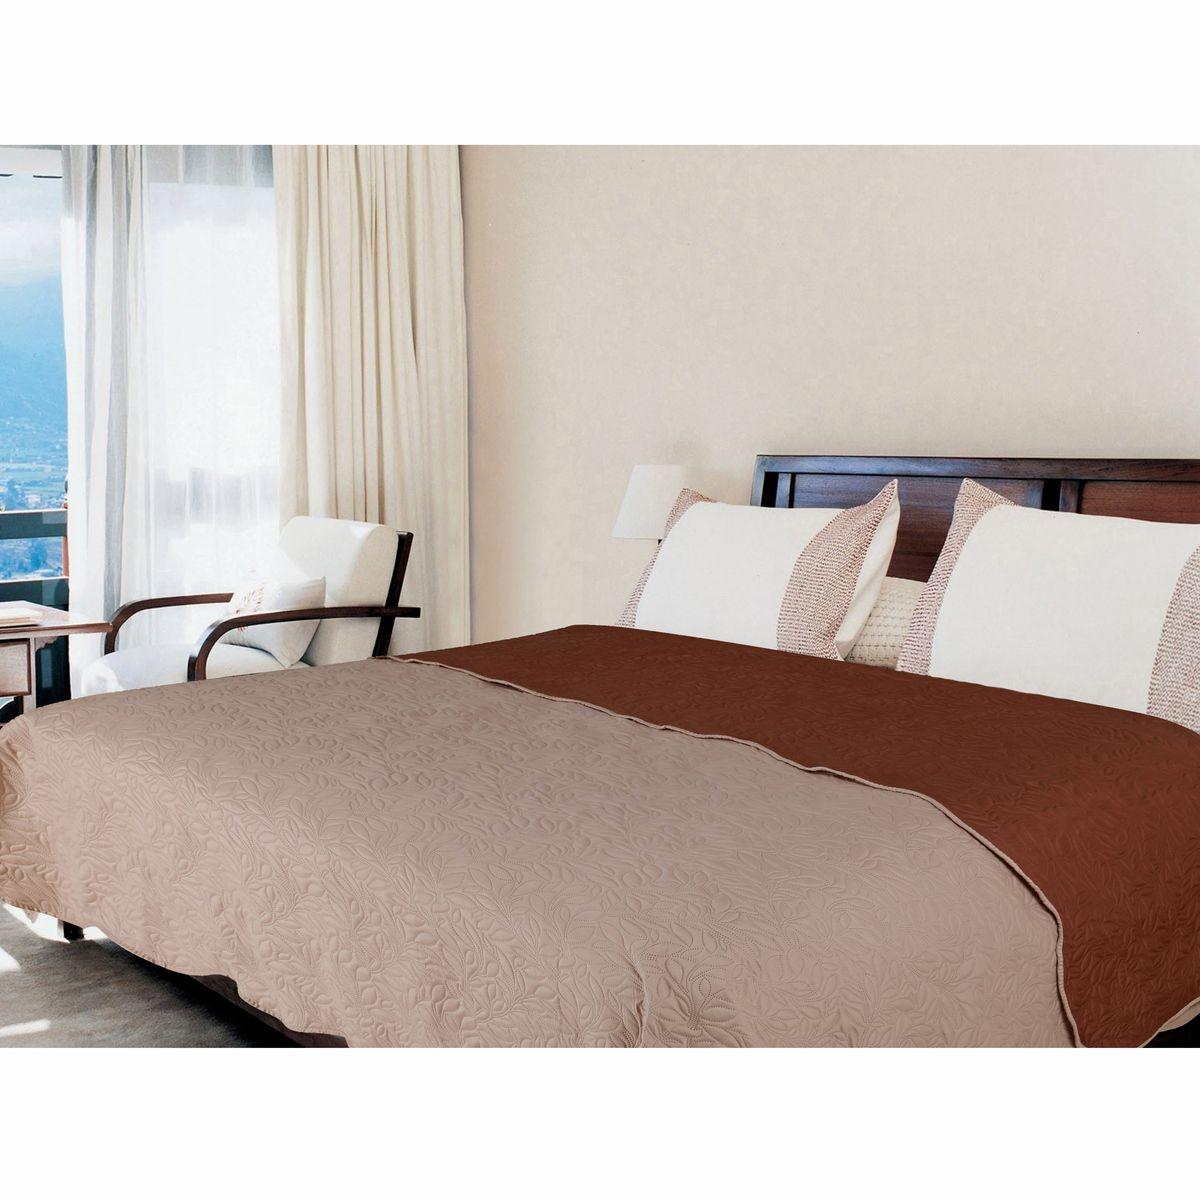 Покрывало Amore Mio Alba, цвет: бежевый, коричневый, 200 х 220 см. 754421004900000360Роскошное покрывало Amore Mio Alba идеально для декора интерьера в различных стилевых решениях. Однотонное изделие изготовлено из высококачественного полиэстера и оформлено рельефным рисунком. Покрывало Amore Mio Alba будет превосходно дополнять интерьер вашей спальни или станет прекрасным подарком любому человеку.Ручная стирка при 30°С. Не гладить, не отбеливать.